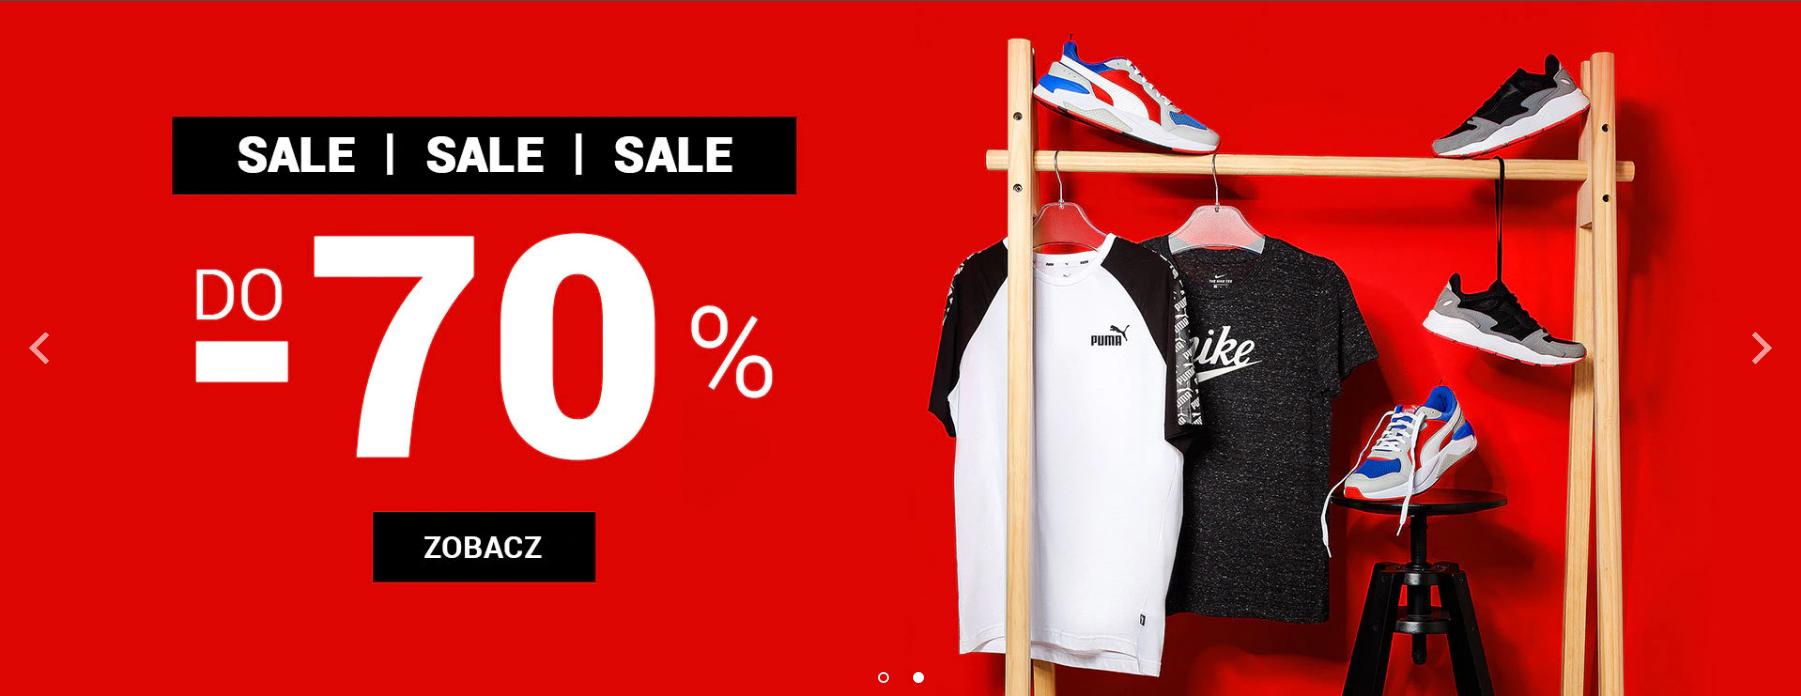 ButySportowe.pl: wyprzedaż do 70% rabatu na odzież i obuwie sportowe                         title=